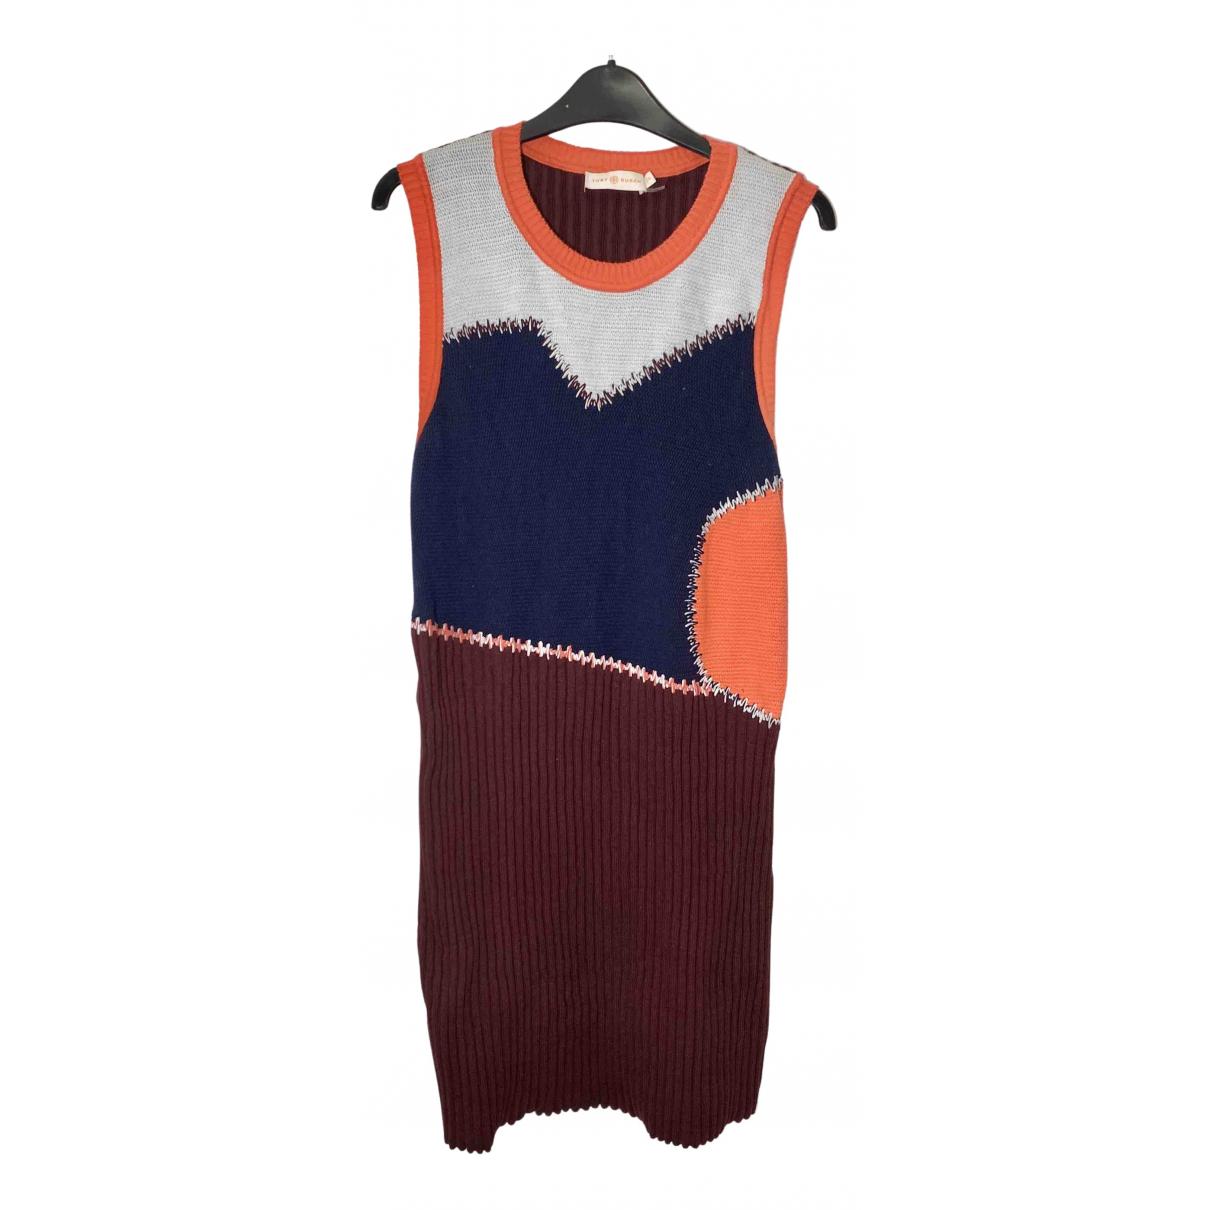 Tory Burch - Pull   pour femme en coton - multicolore